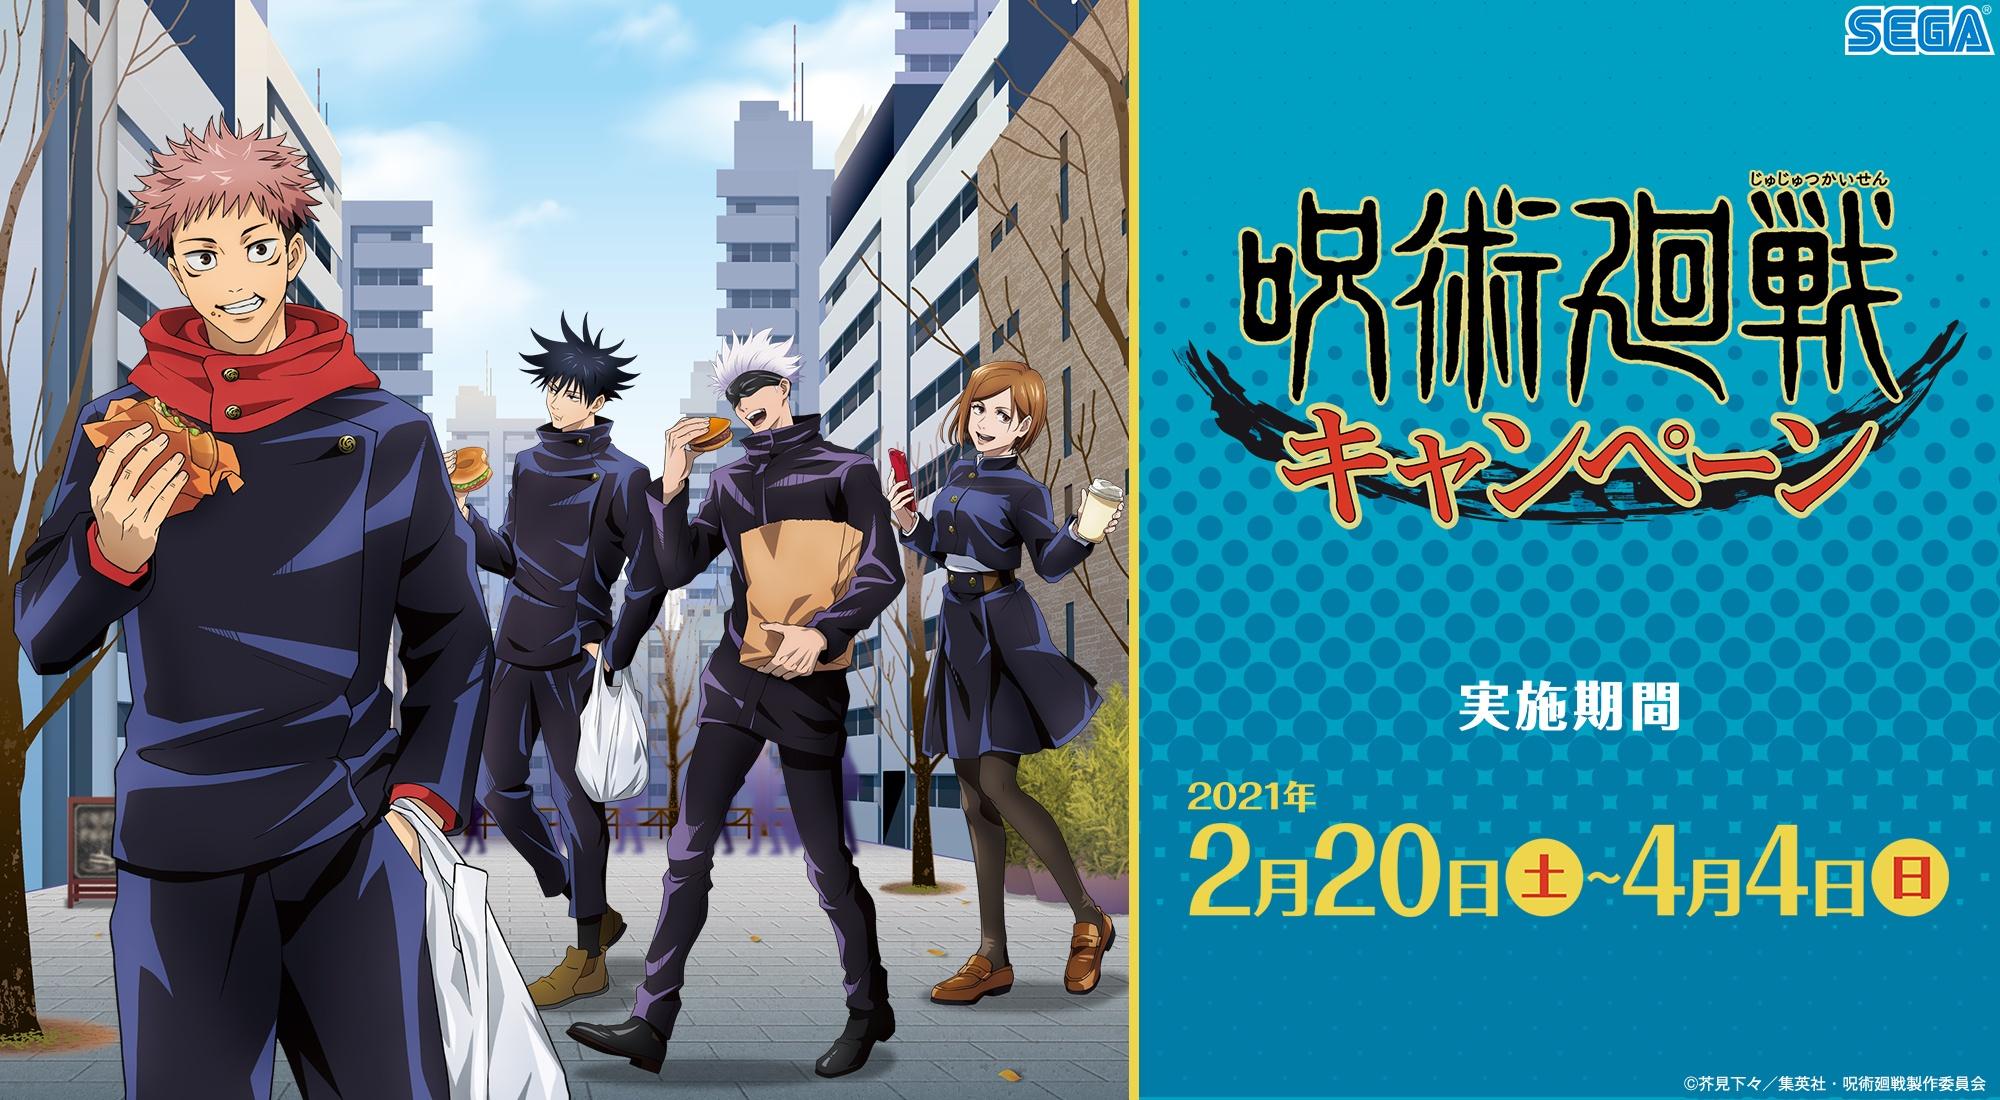 1「呪術廻戦×セガ」コラボ開催!じゅじゅつキャンペーンで貰えるグッズ